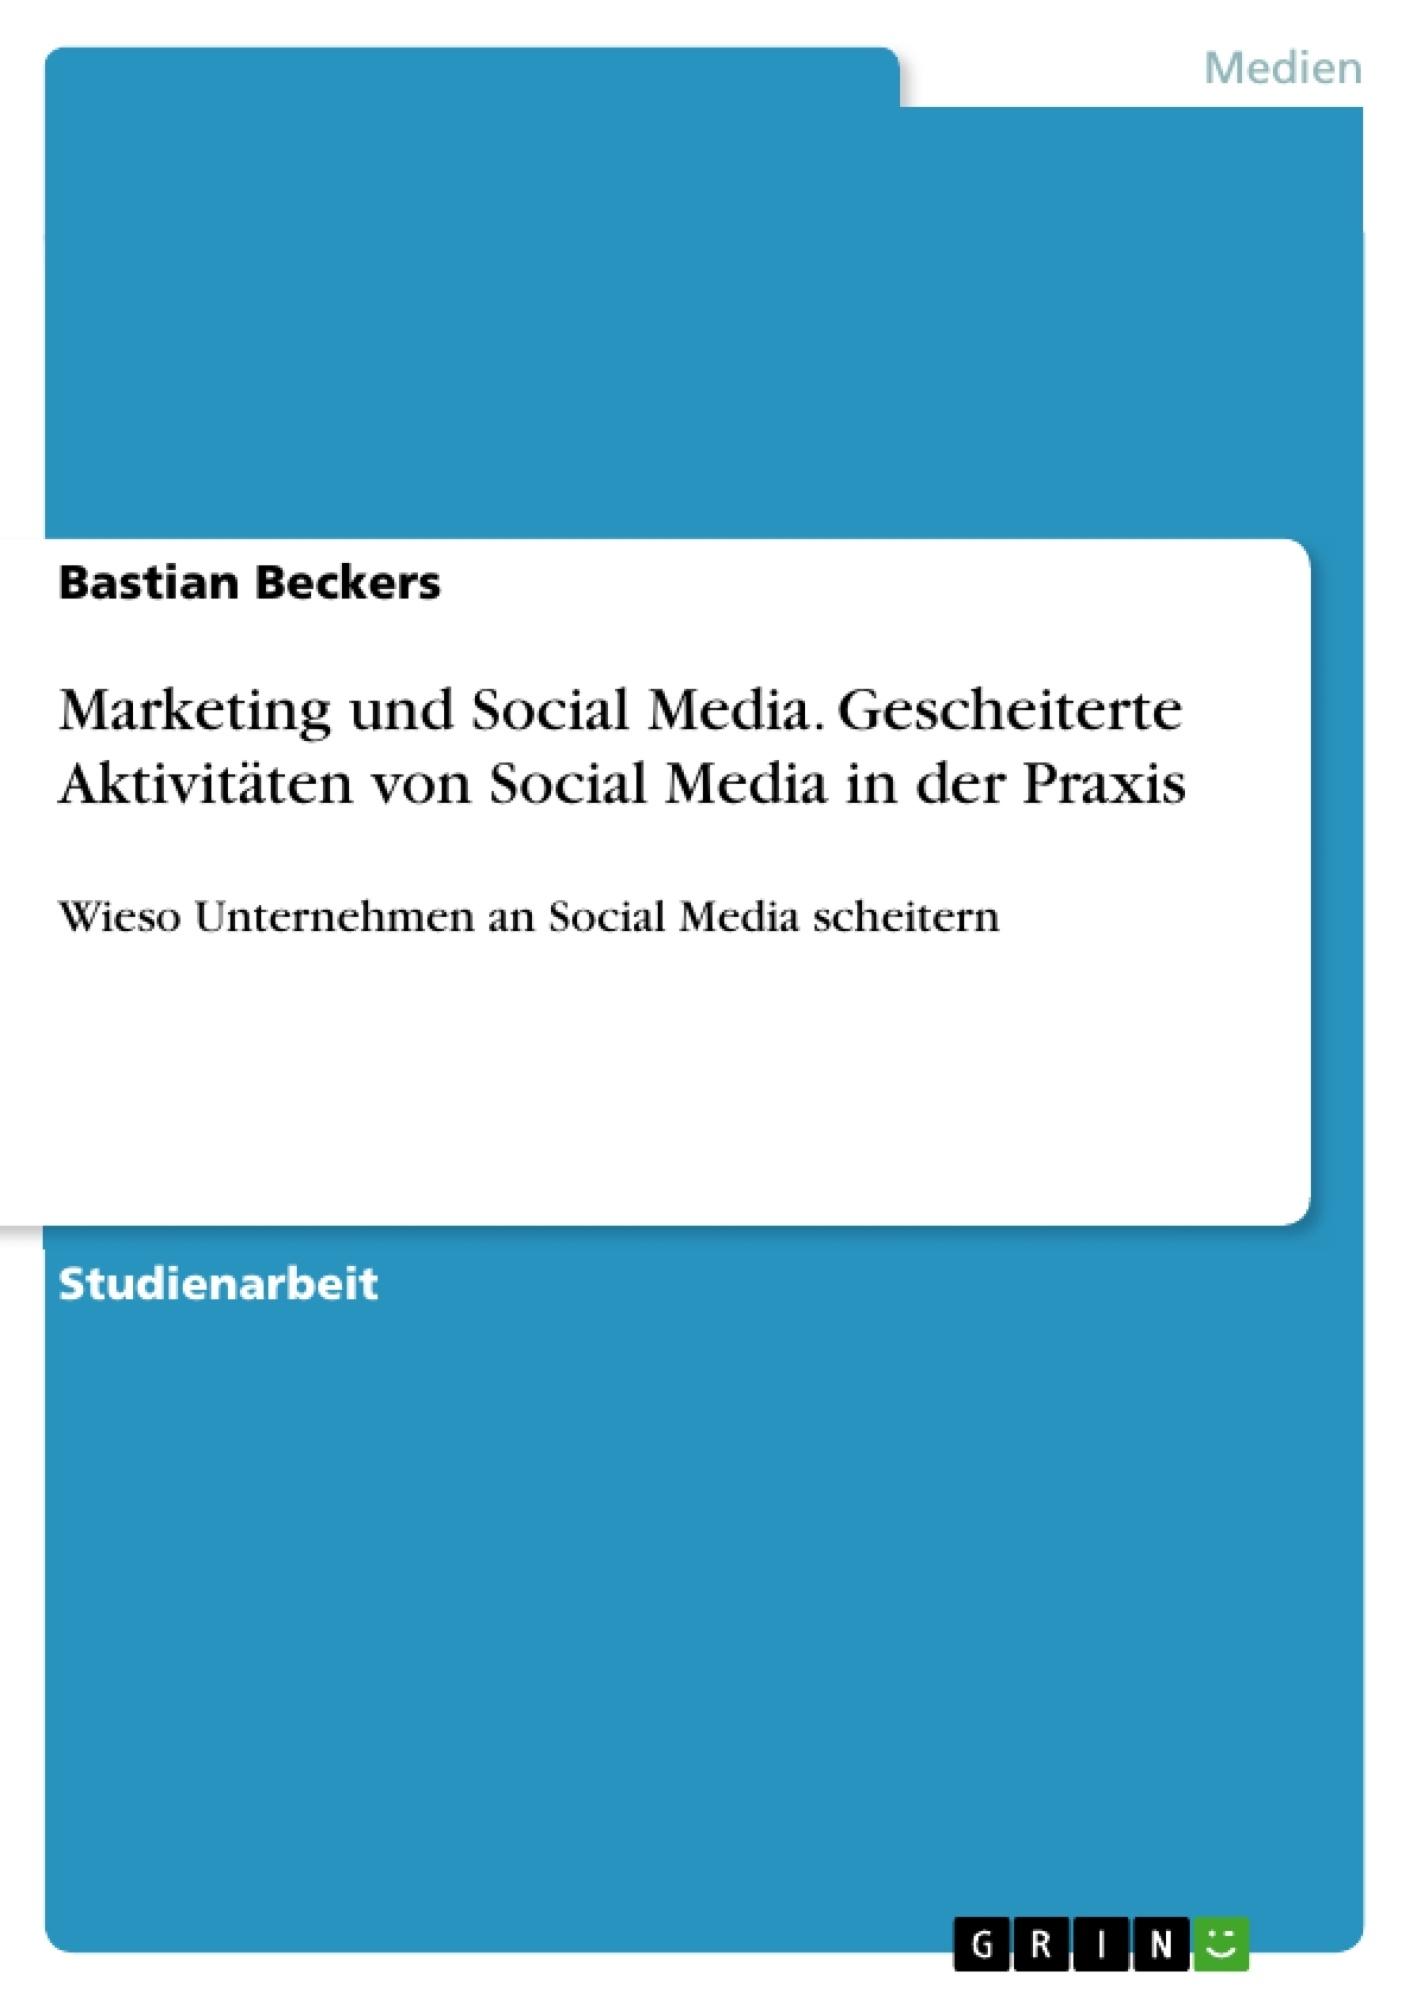 Titel: Marketing und Social Media. Gescheiterte Aktivitäten von Social Media in der Praxis